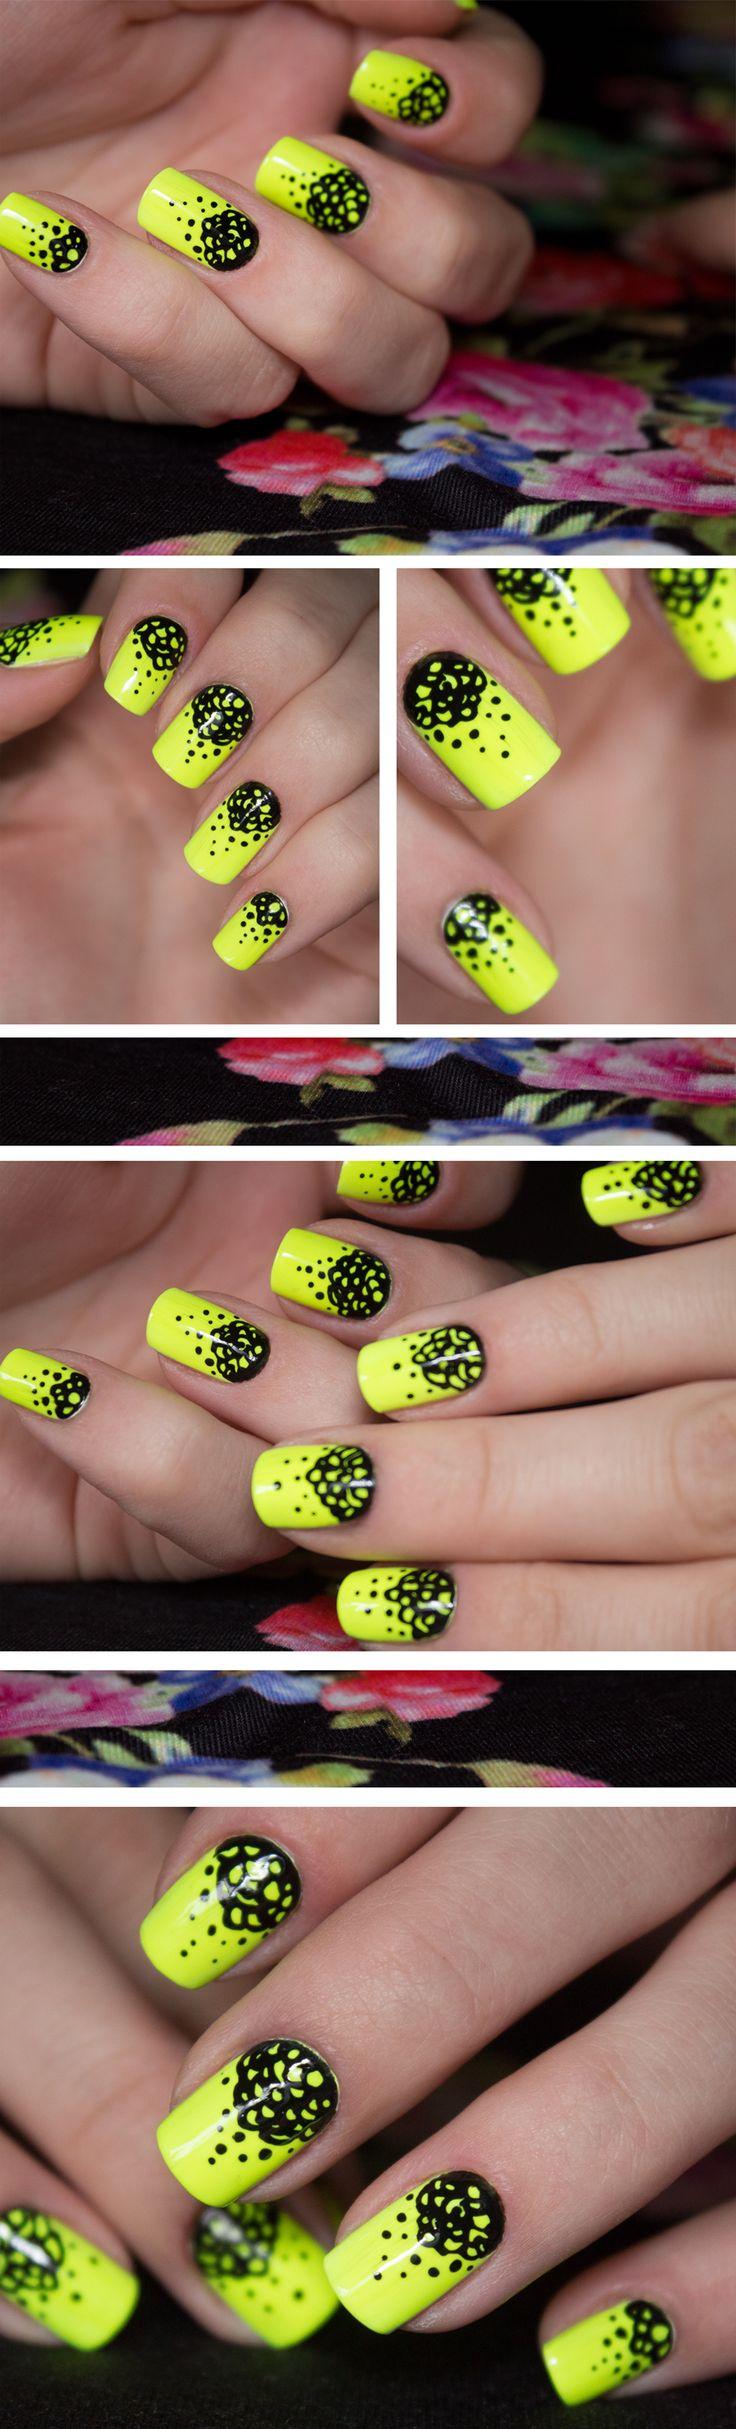 Neon yellow & black nails #nail #nails #nailart